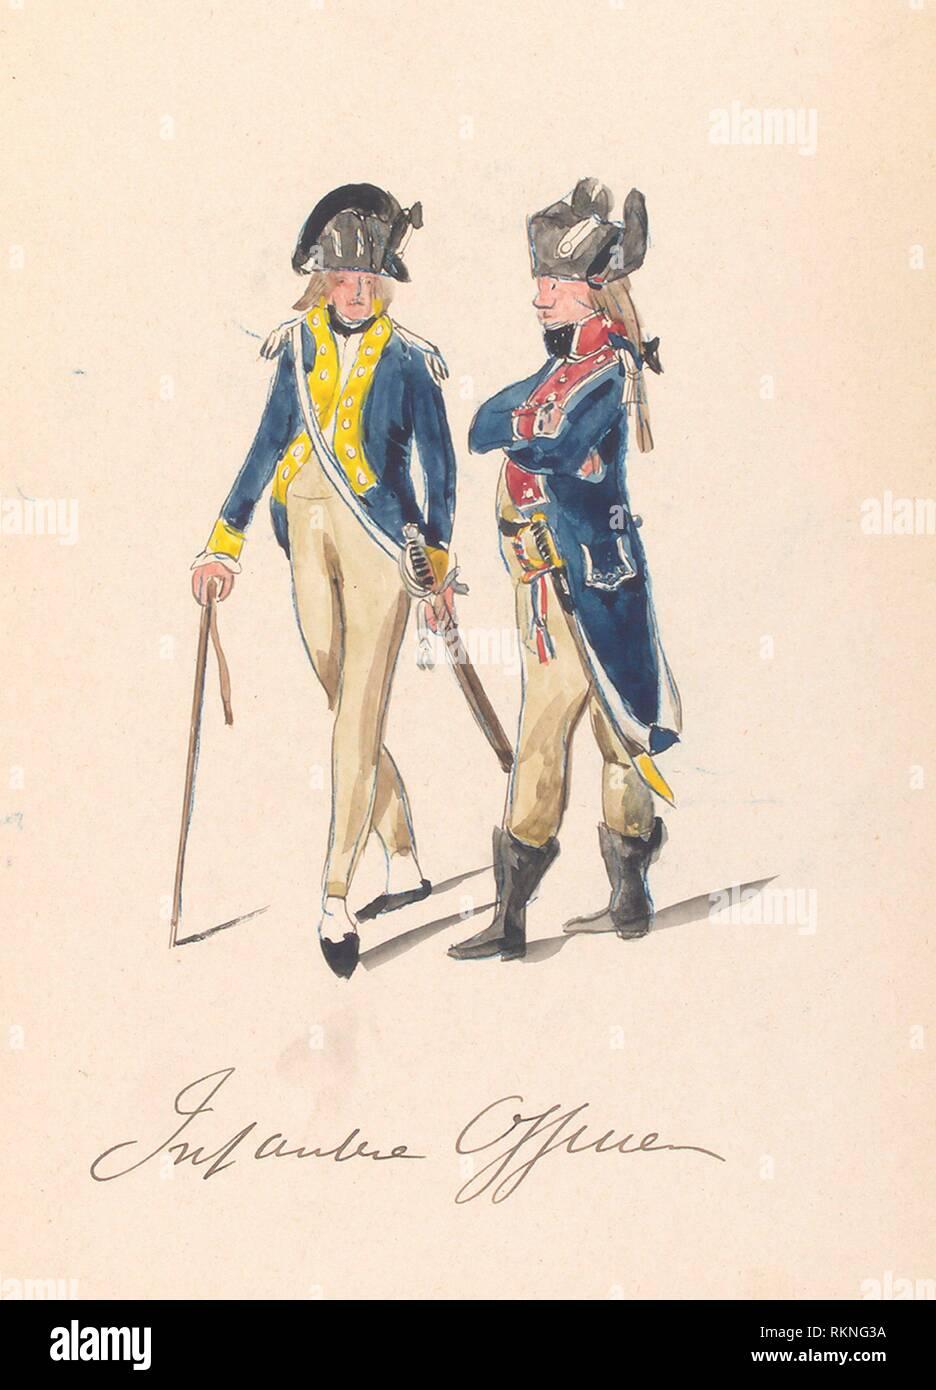 Bataafsche Republiek, Infanterie Officier. Vinkhuijzen, Hendrik Jacobus (Collector). The Vinkhuijzen collection of military uniforms Netherlands - Stock Image